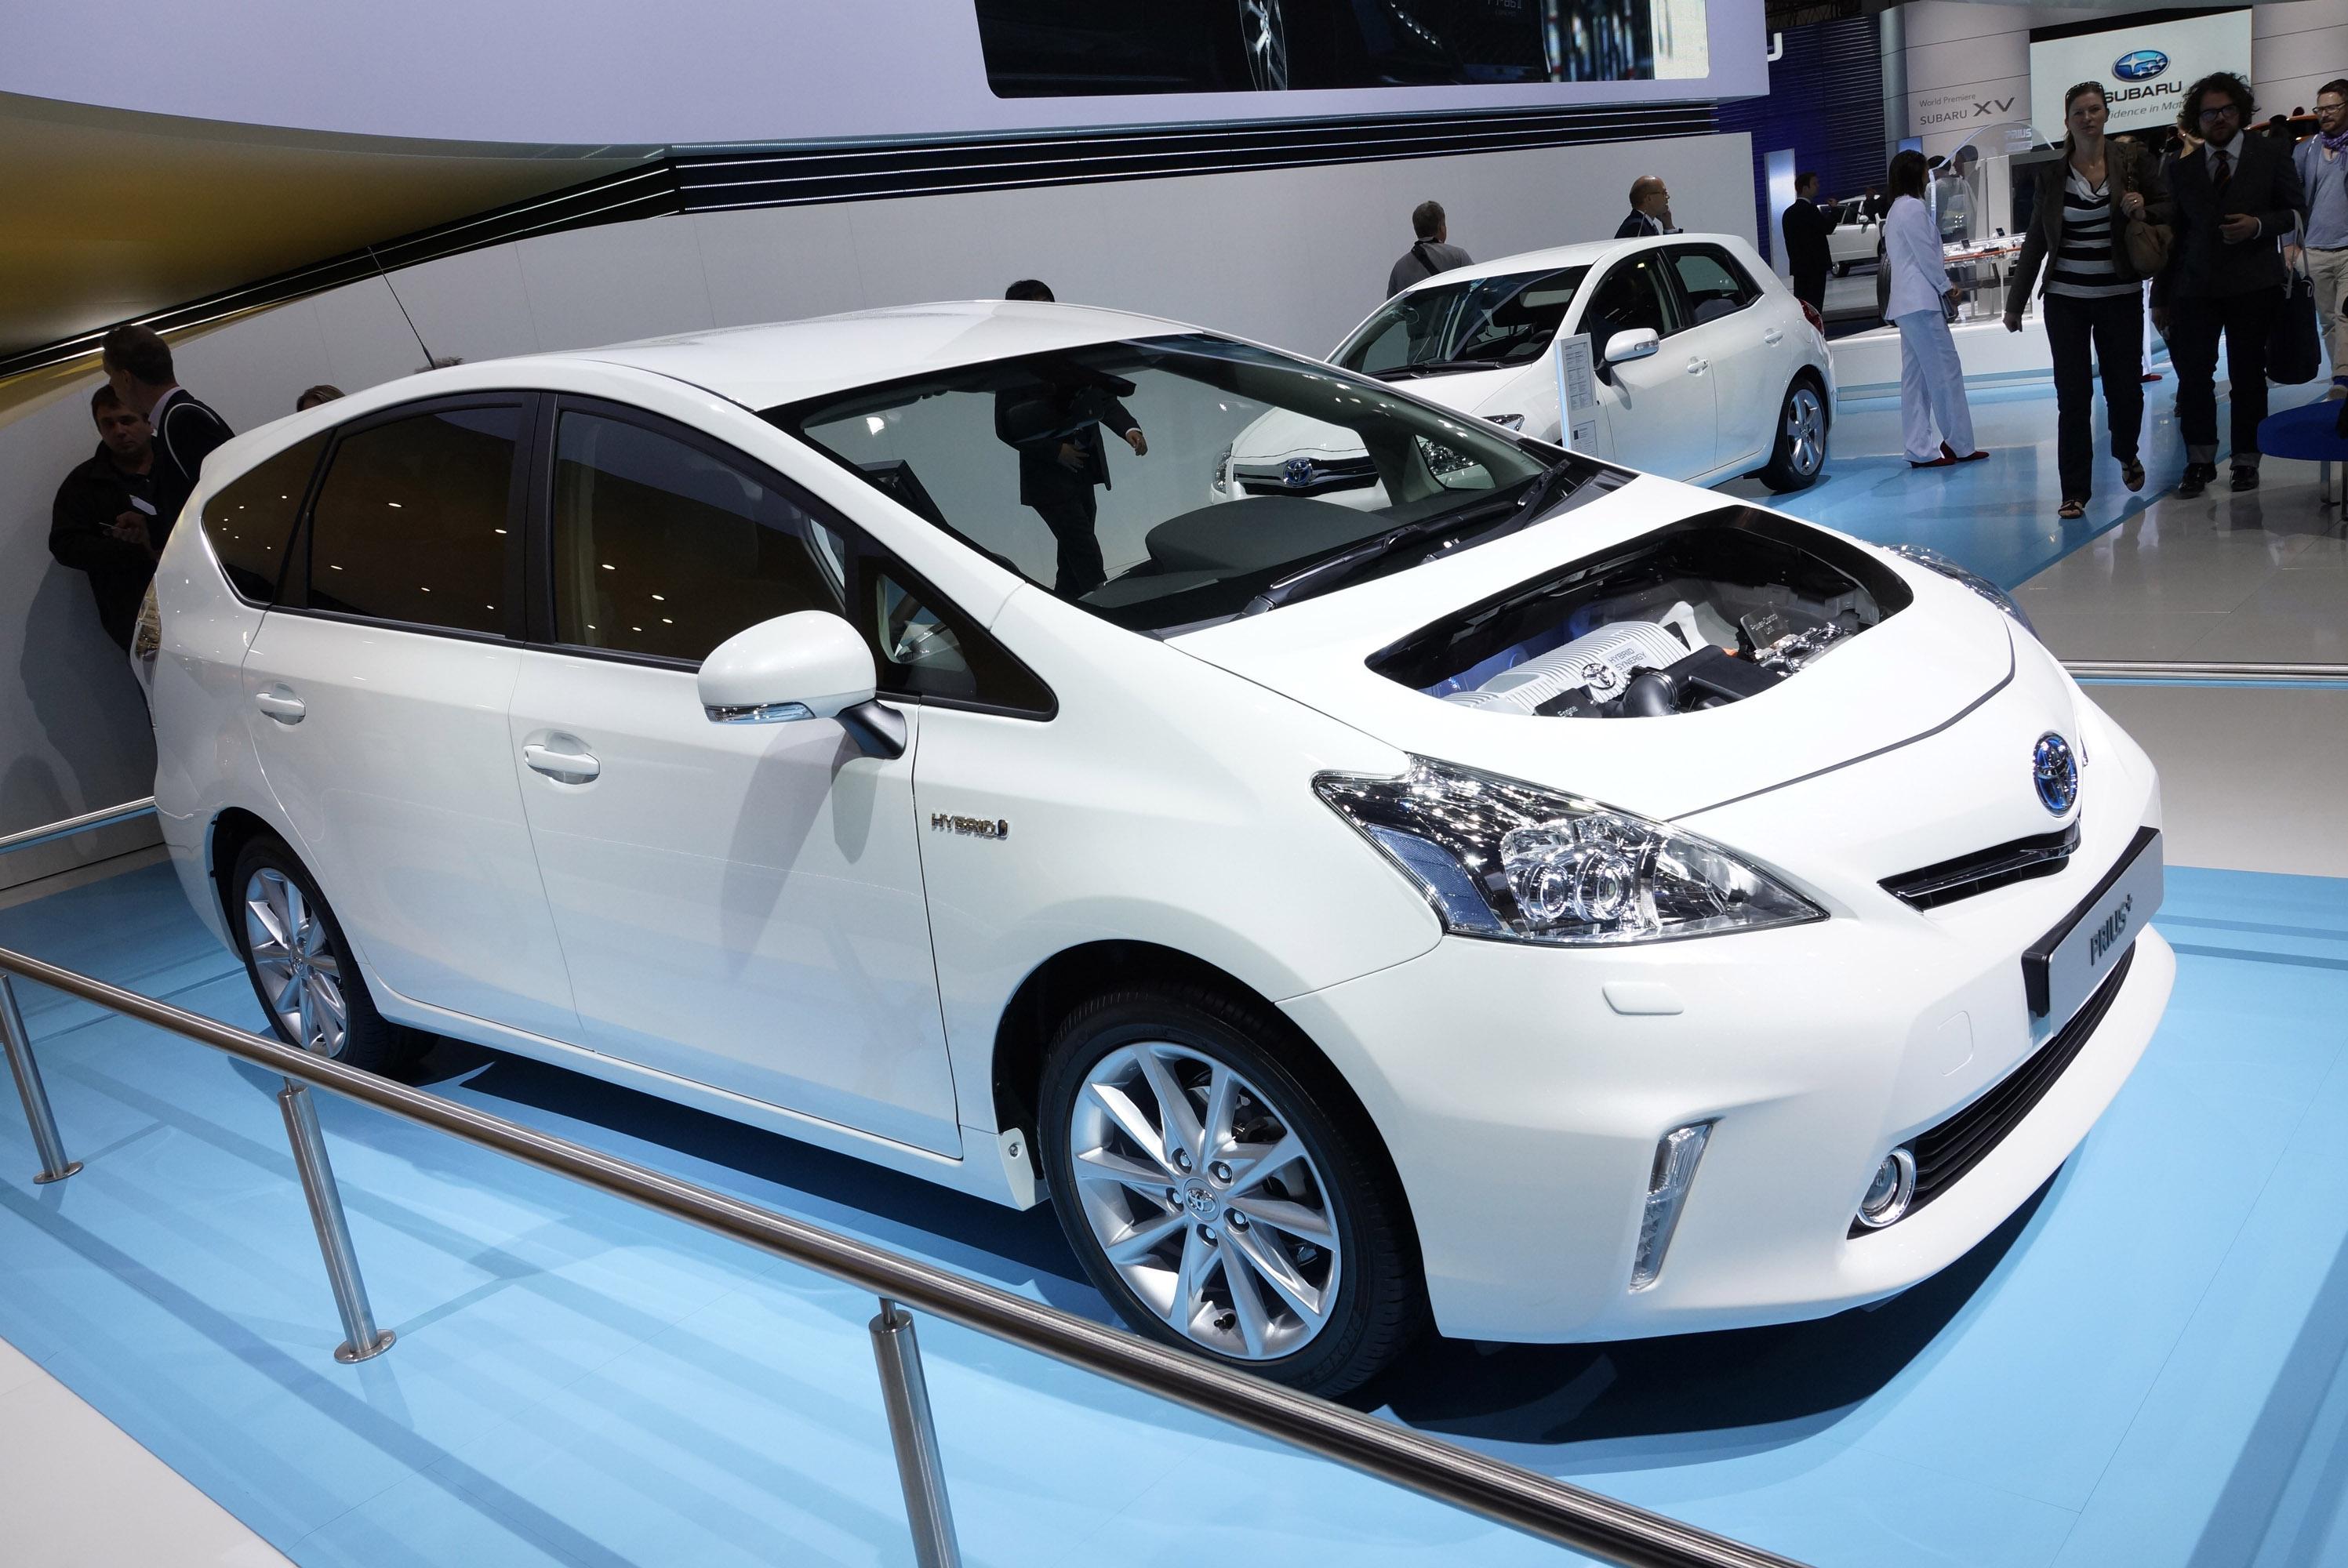 Toyota Prius Plus Frankfurt 2011 - Picture 59186